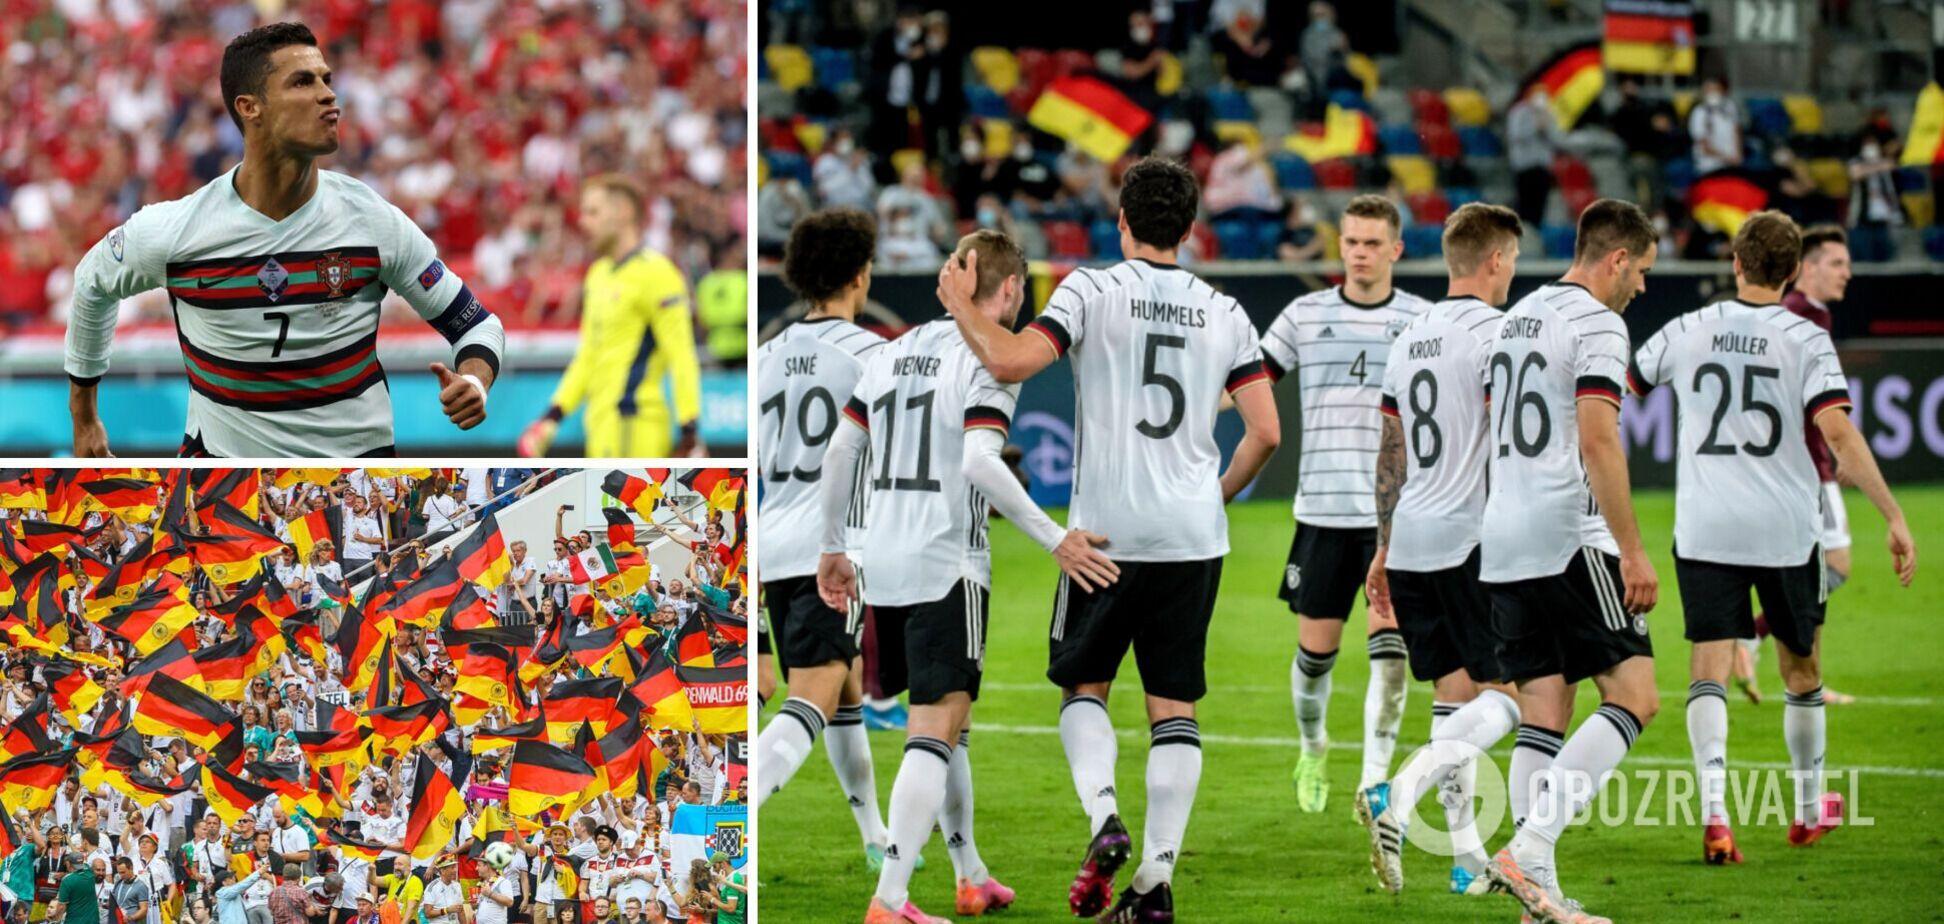 Немцам нужно победить португальцев